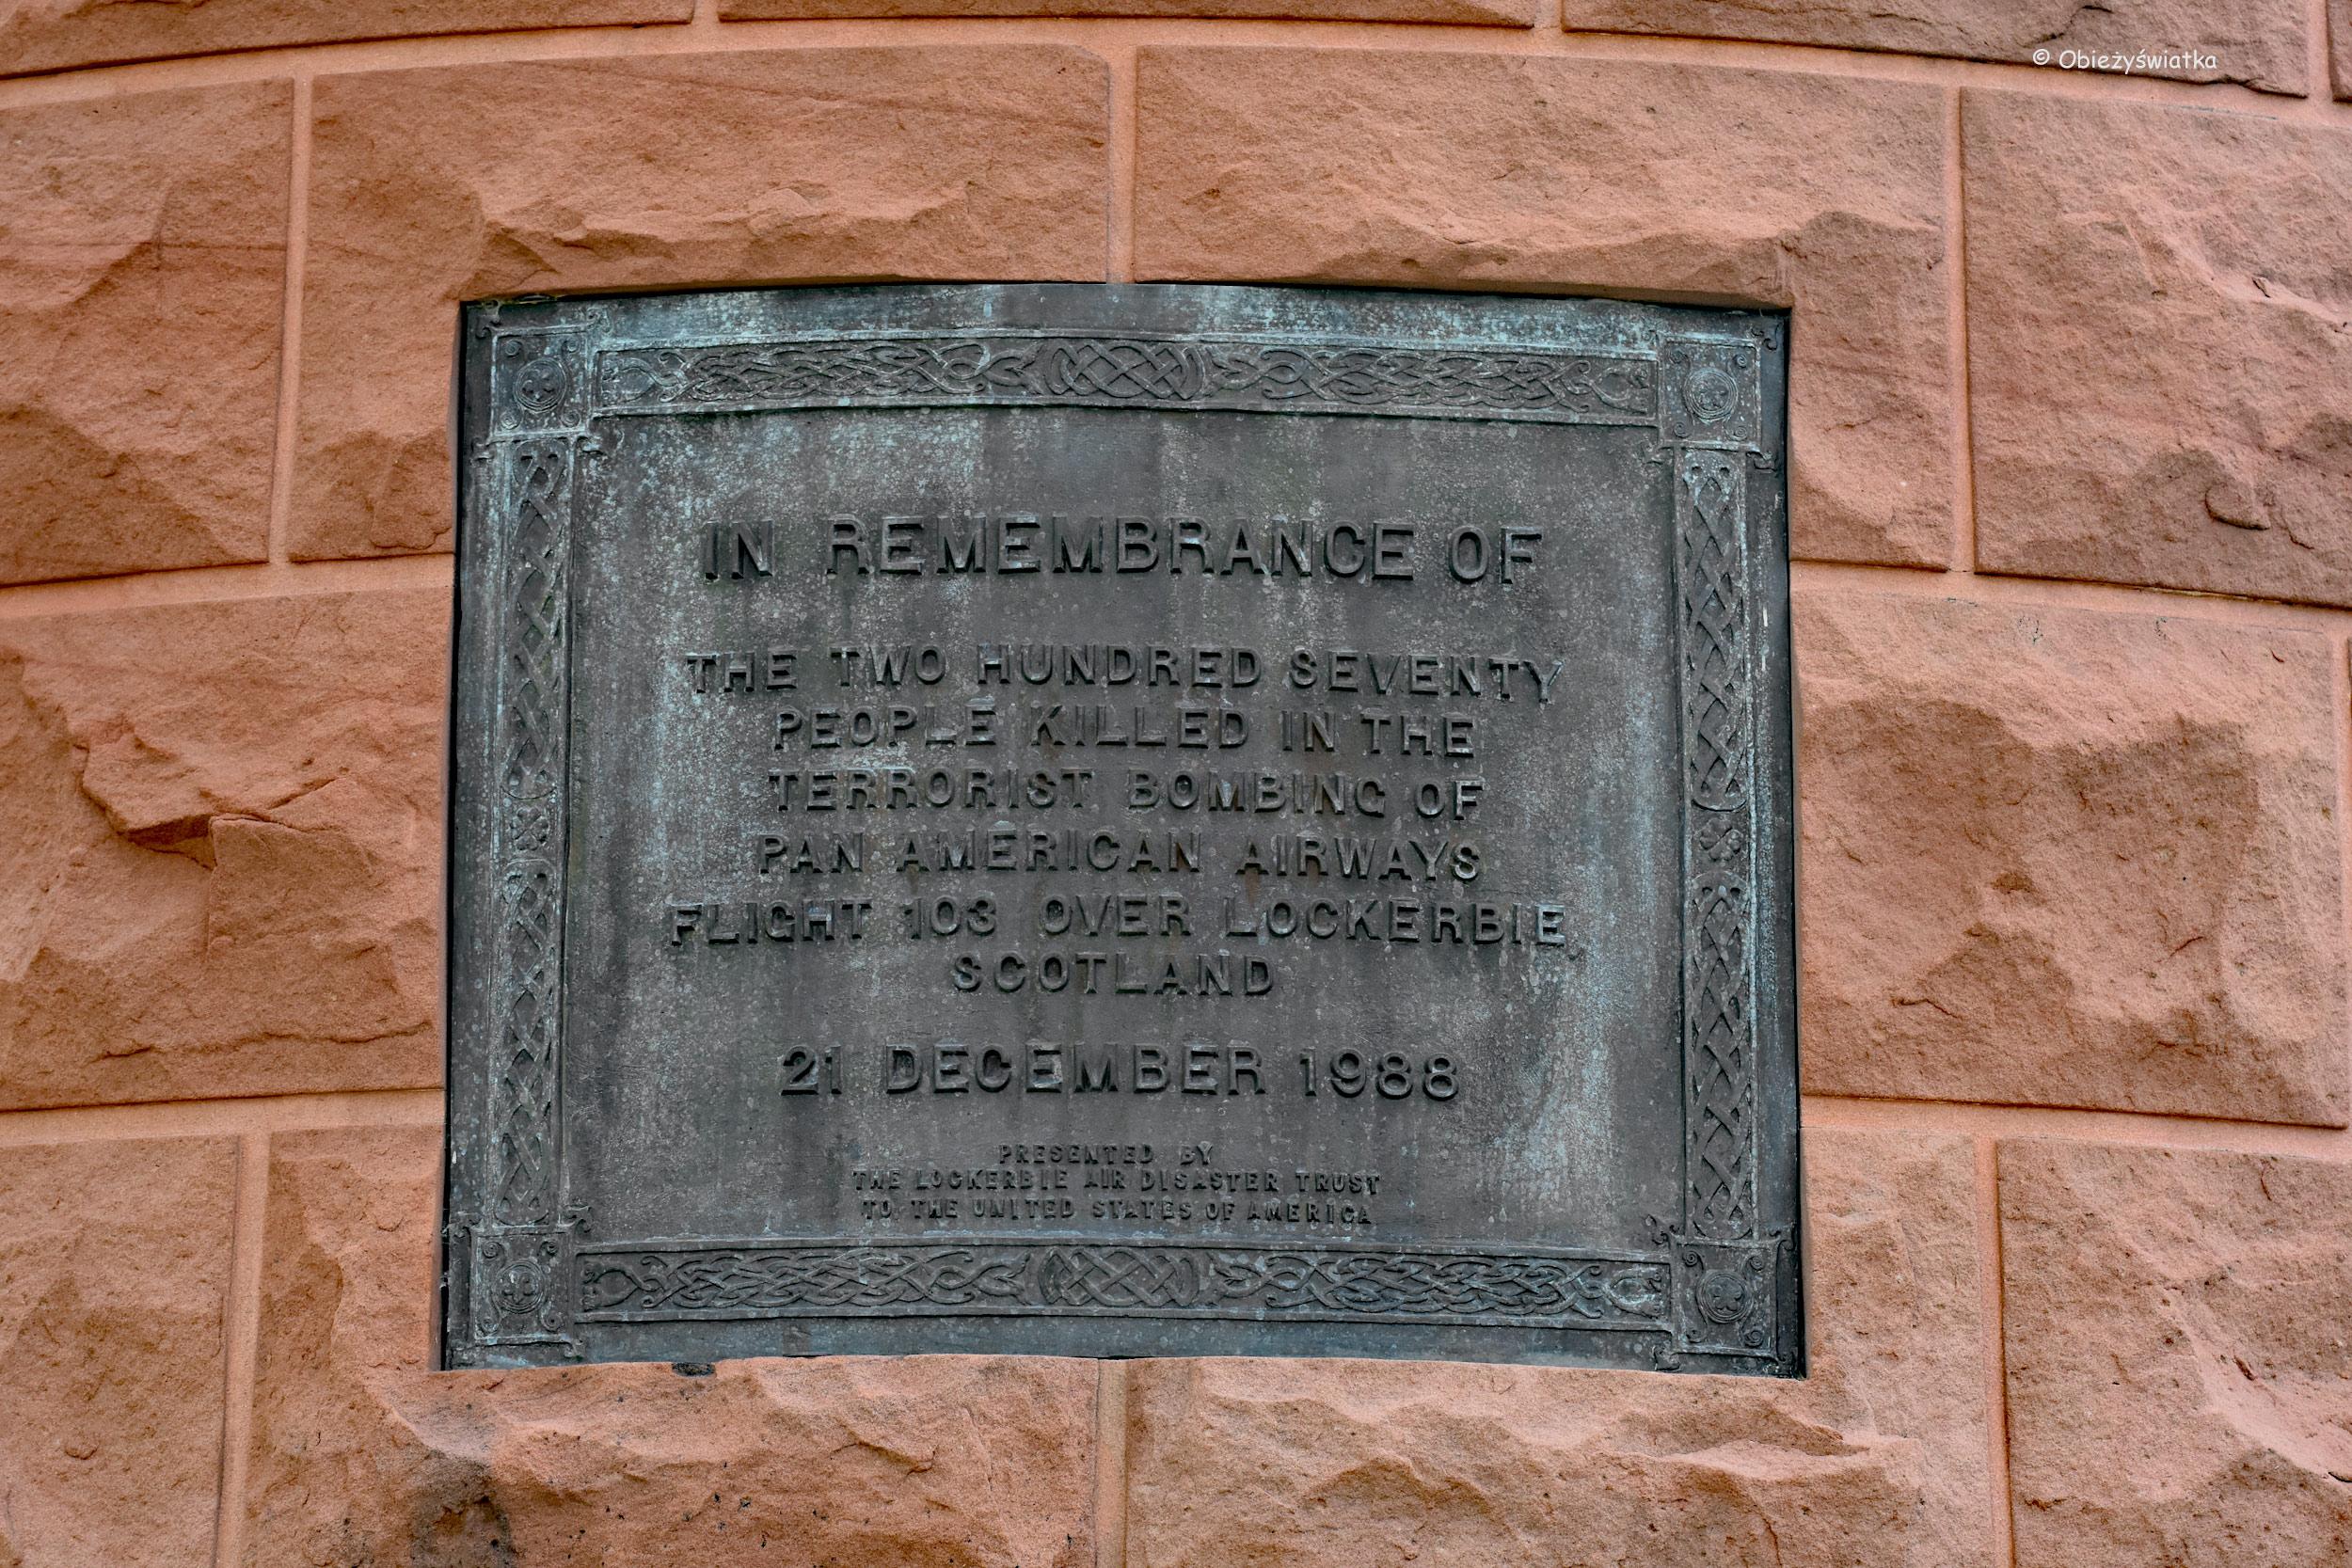 Tablica upamiętniająca katastrofę samolotu Pan Am nad Lockerbie - Cmentarz Narodowy w Arlington